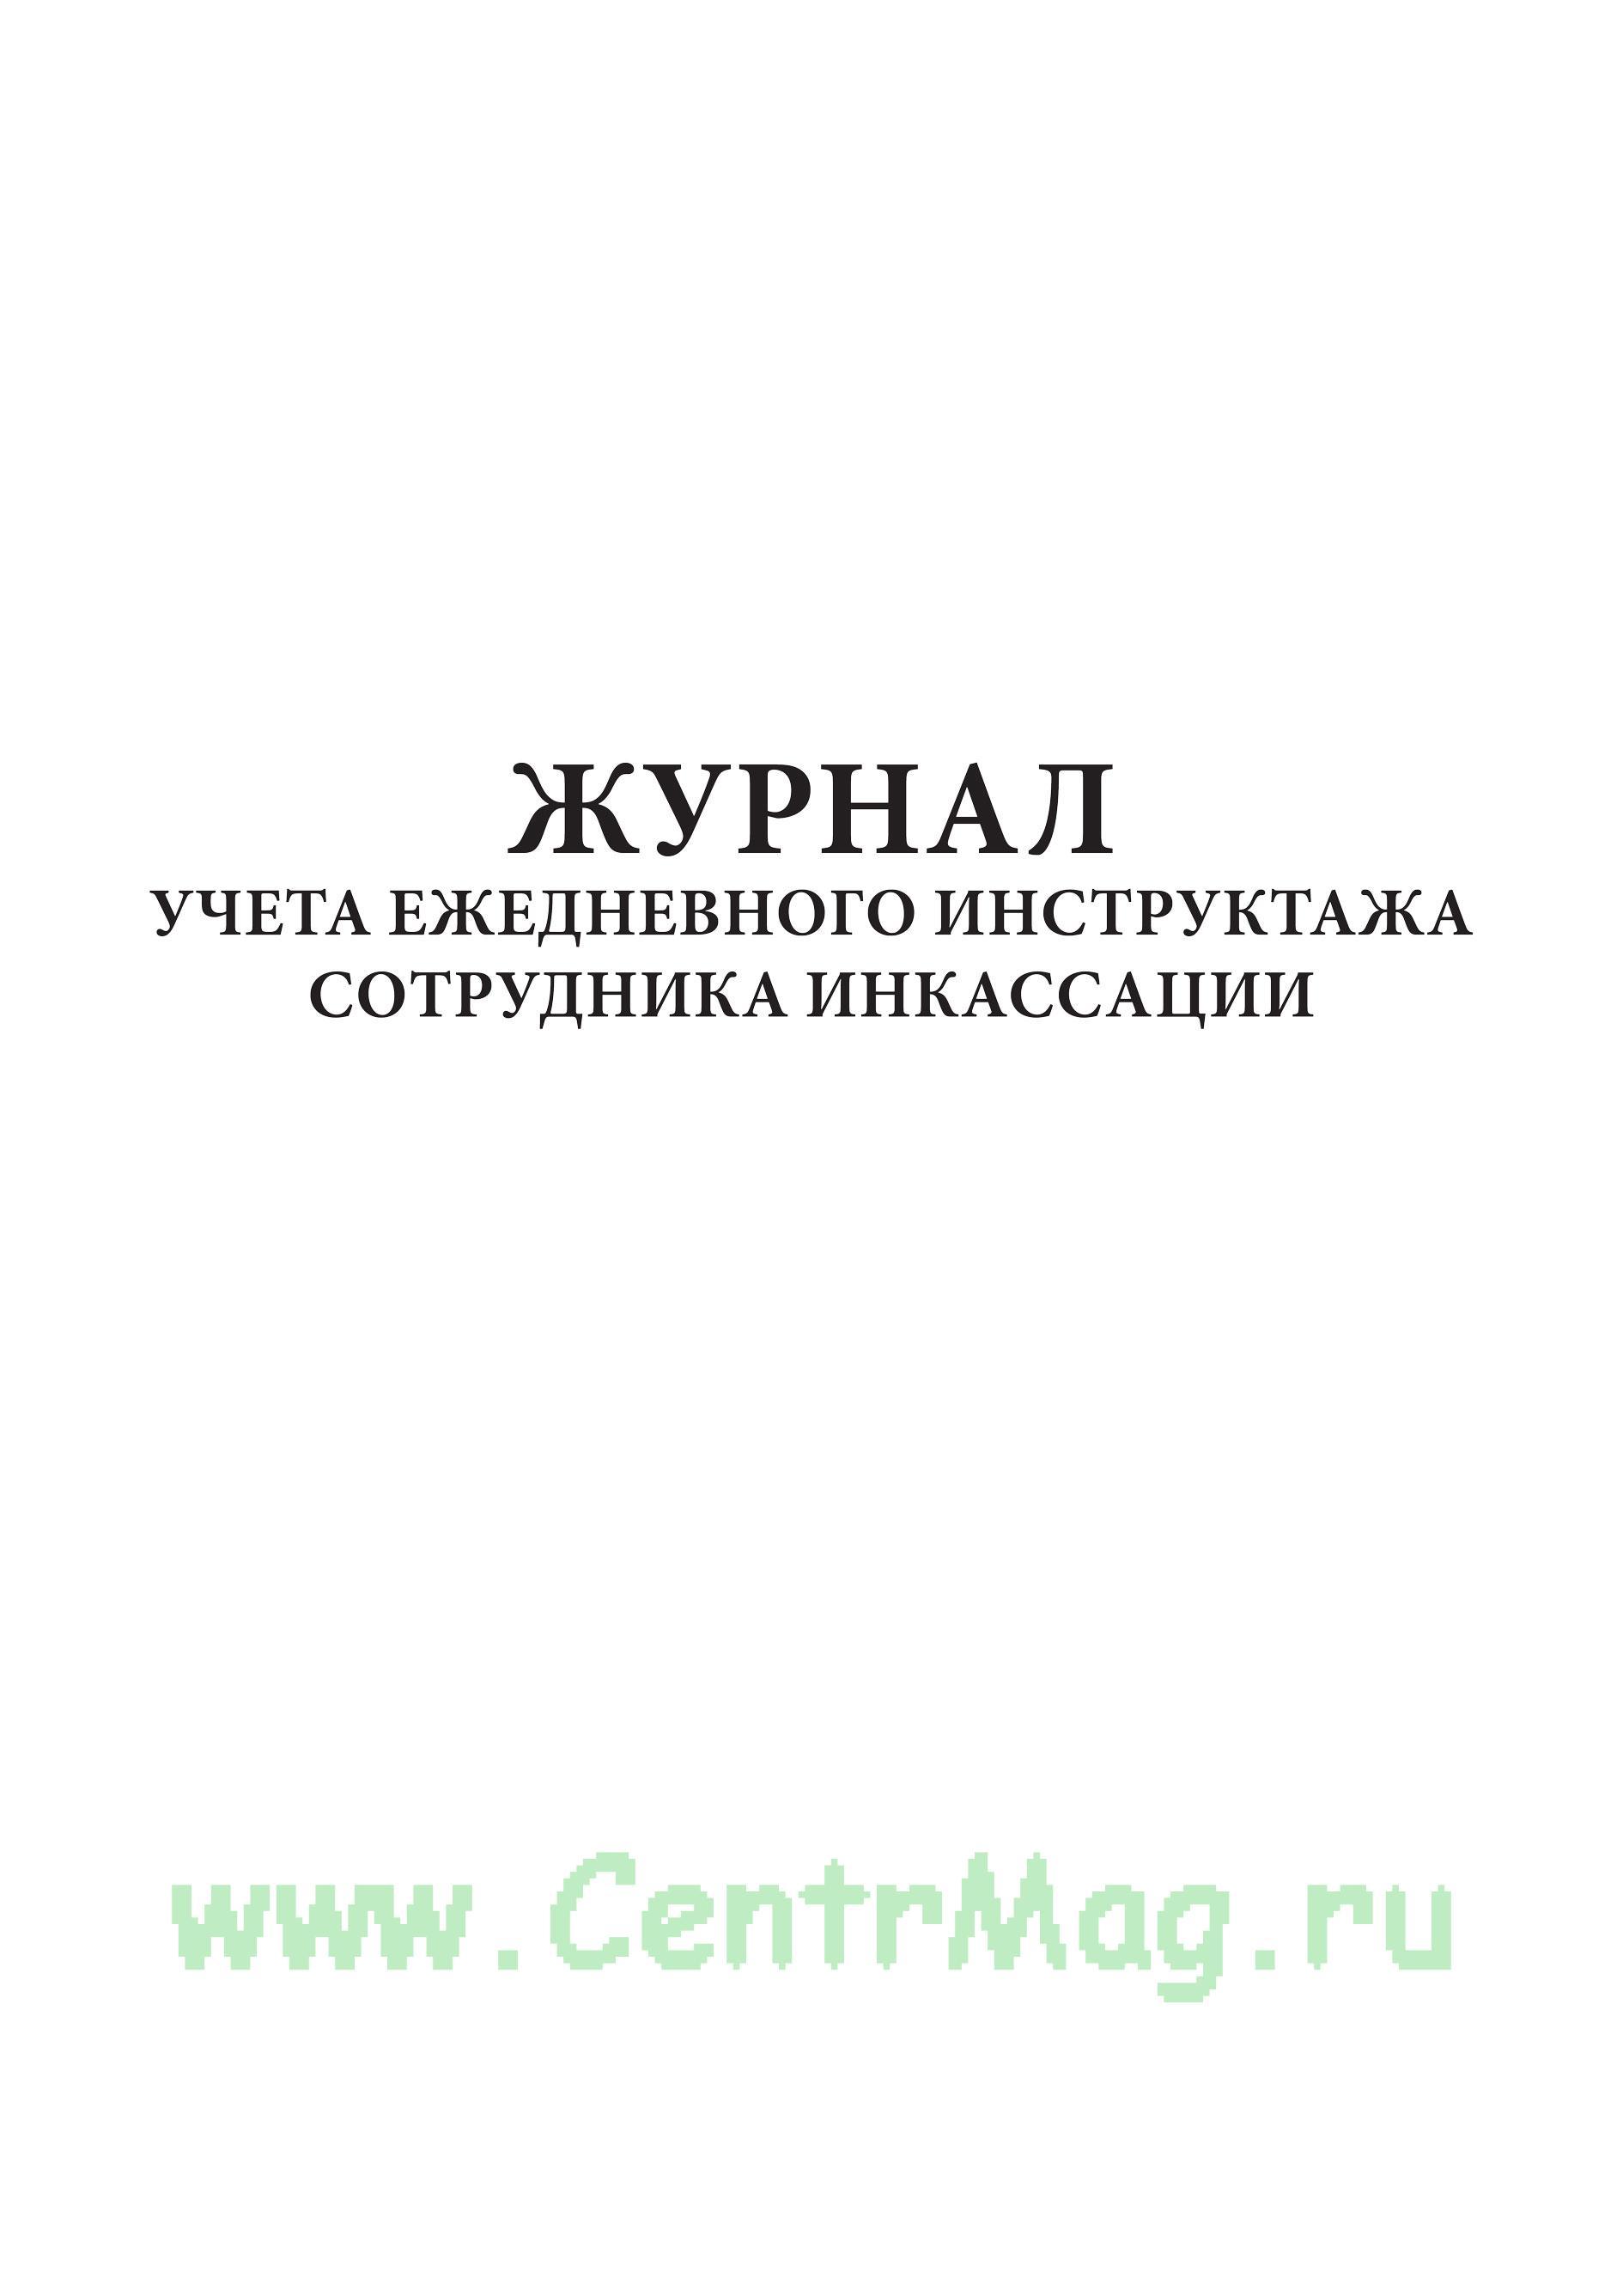 Журнал учета ежедневного инструктажа сотрудника инкассации